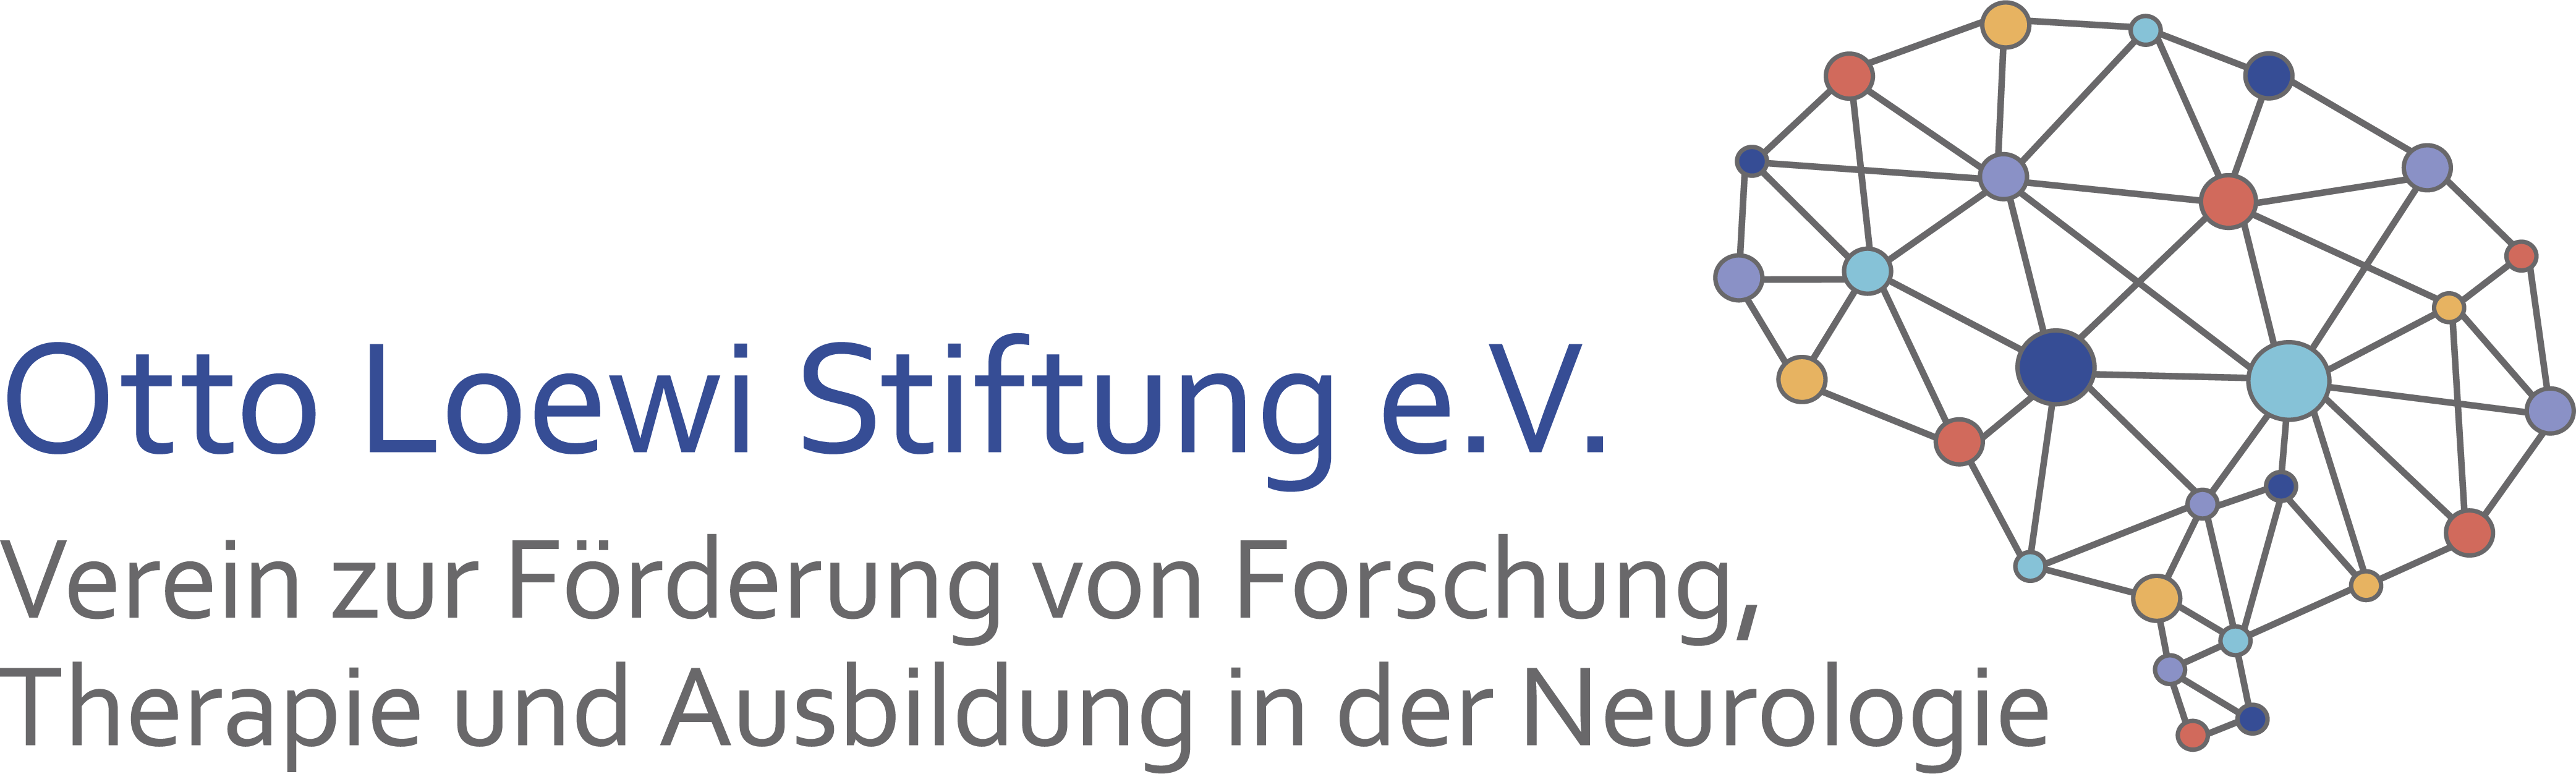 Otto Loewi Stiftung e.V.